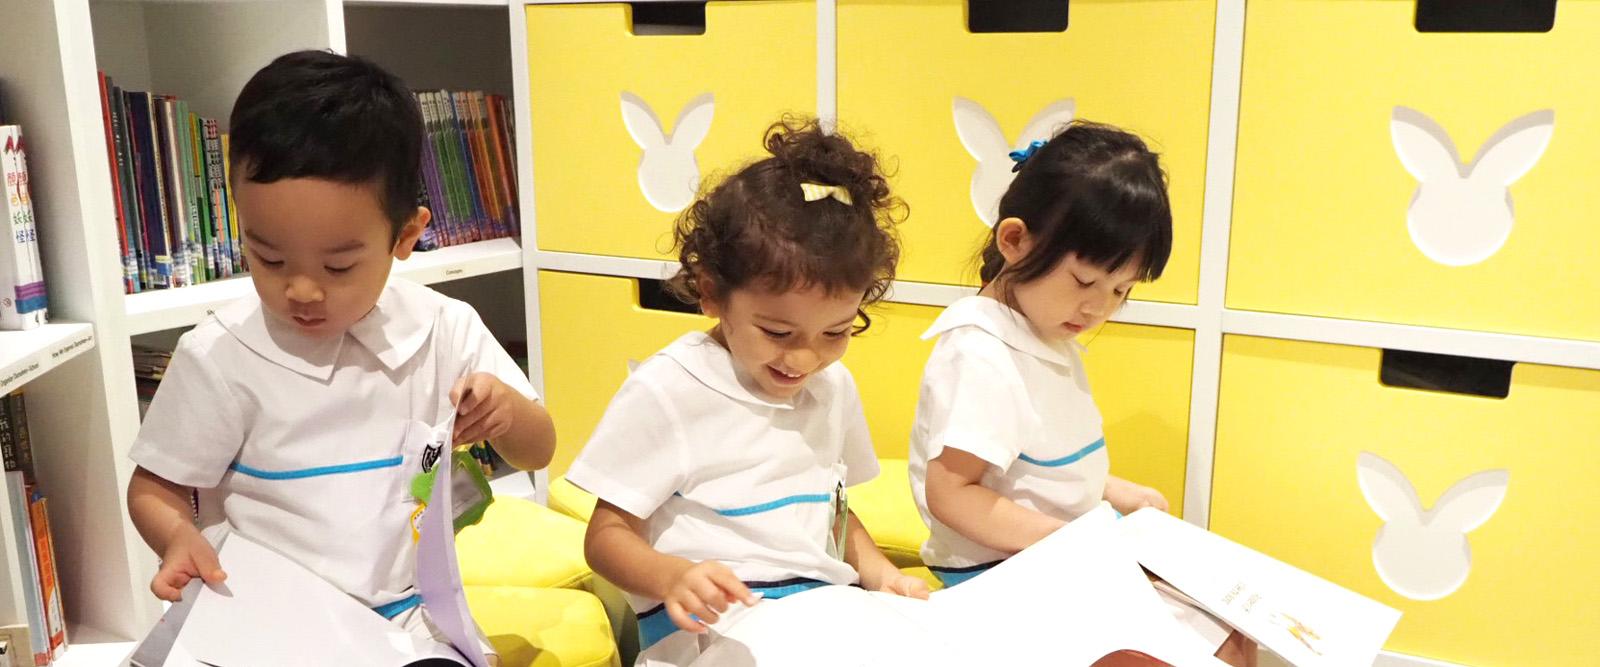 Victoria Kindergarten, International Kindergarten in Hong Kong